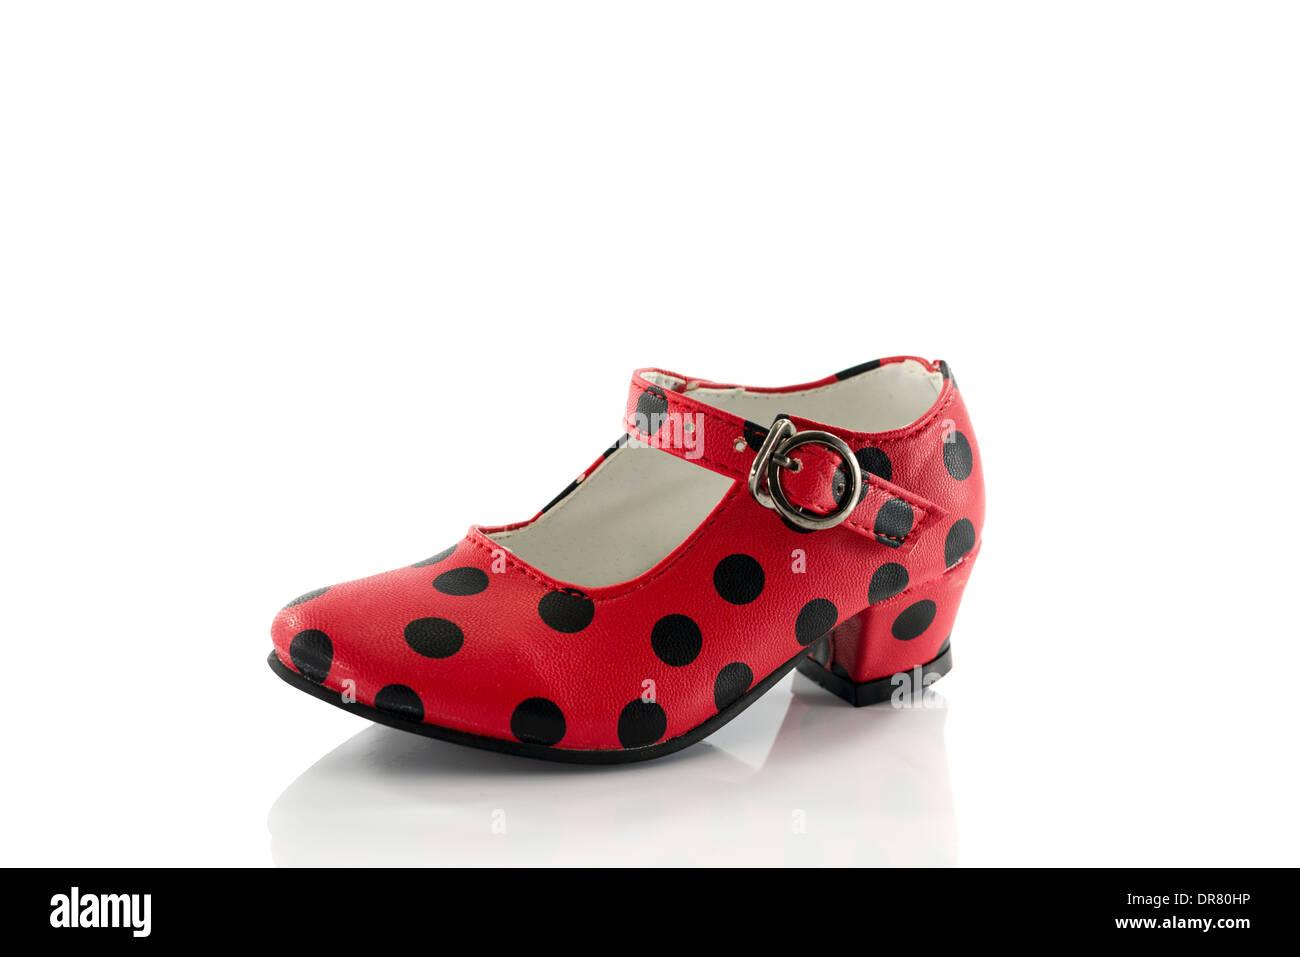 Schuhe Weiss Rote PunktenIsoliert Mit Auf Schwarzen QCshxordtB